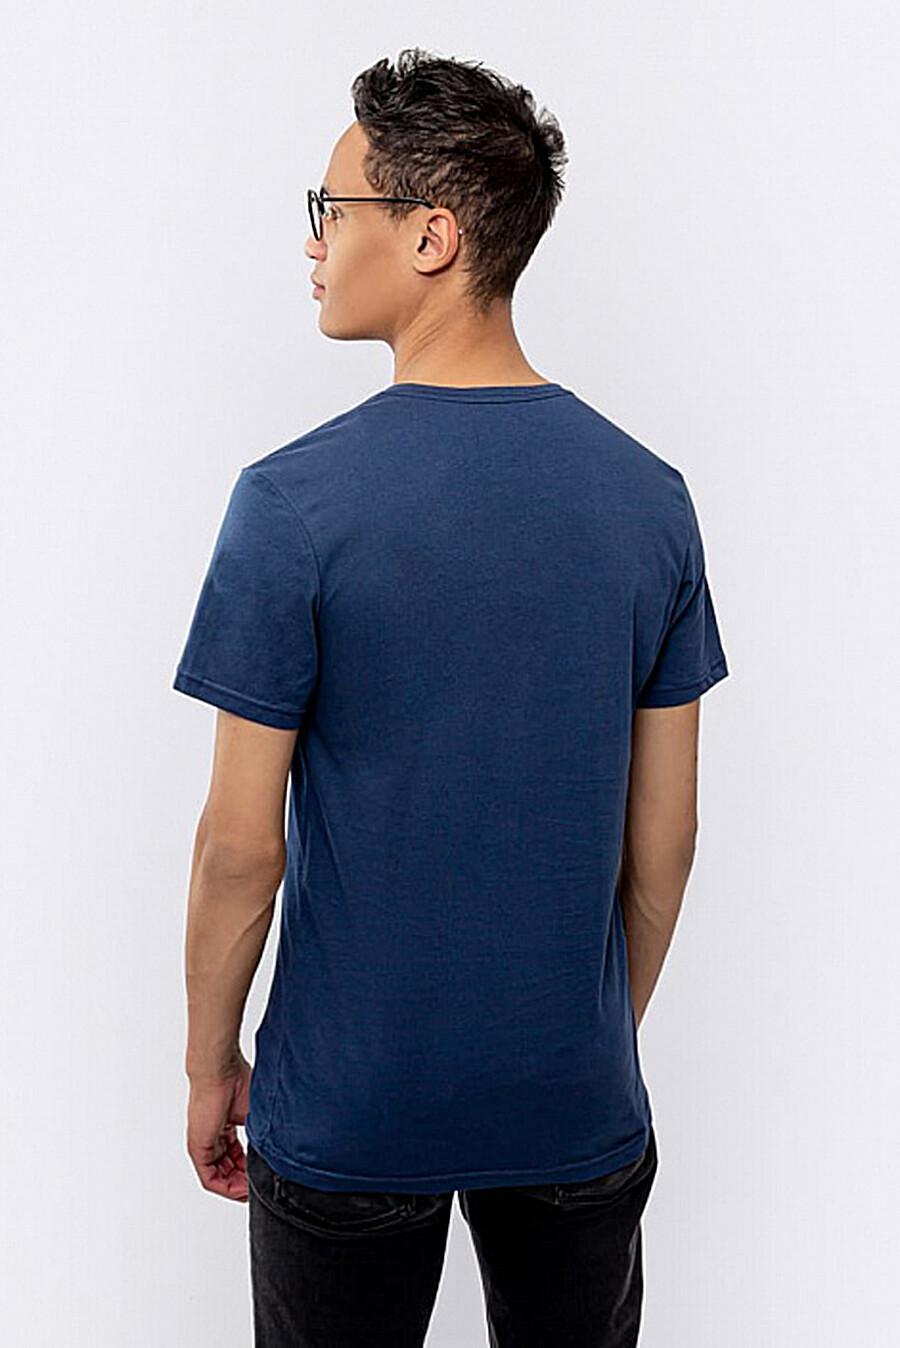 Фуфайка для мужчин MARK FORMELLE 218318 купить оптом от производителя. Совместная покупка мужской одежды в OptMoyo